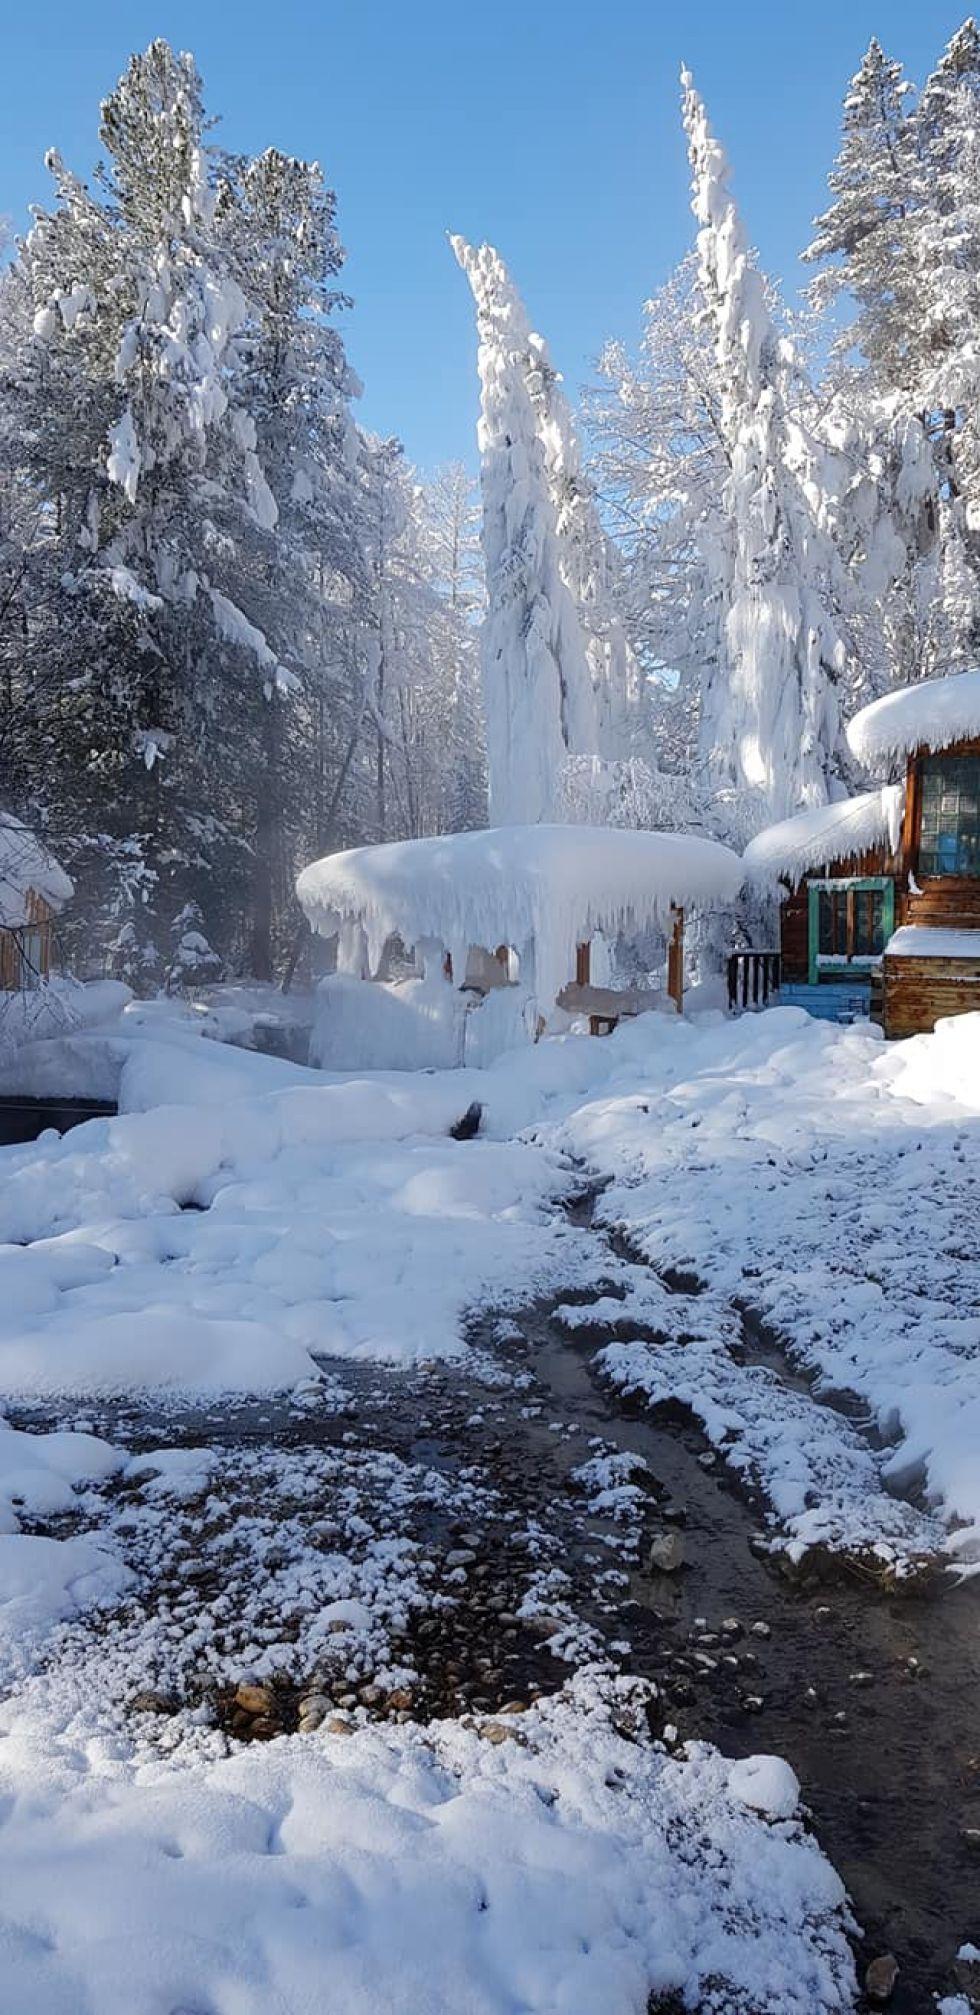 śnieżna pokrywa w okolicach syberii w rosji